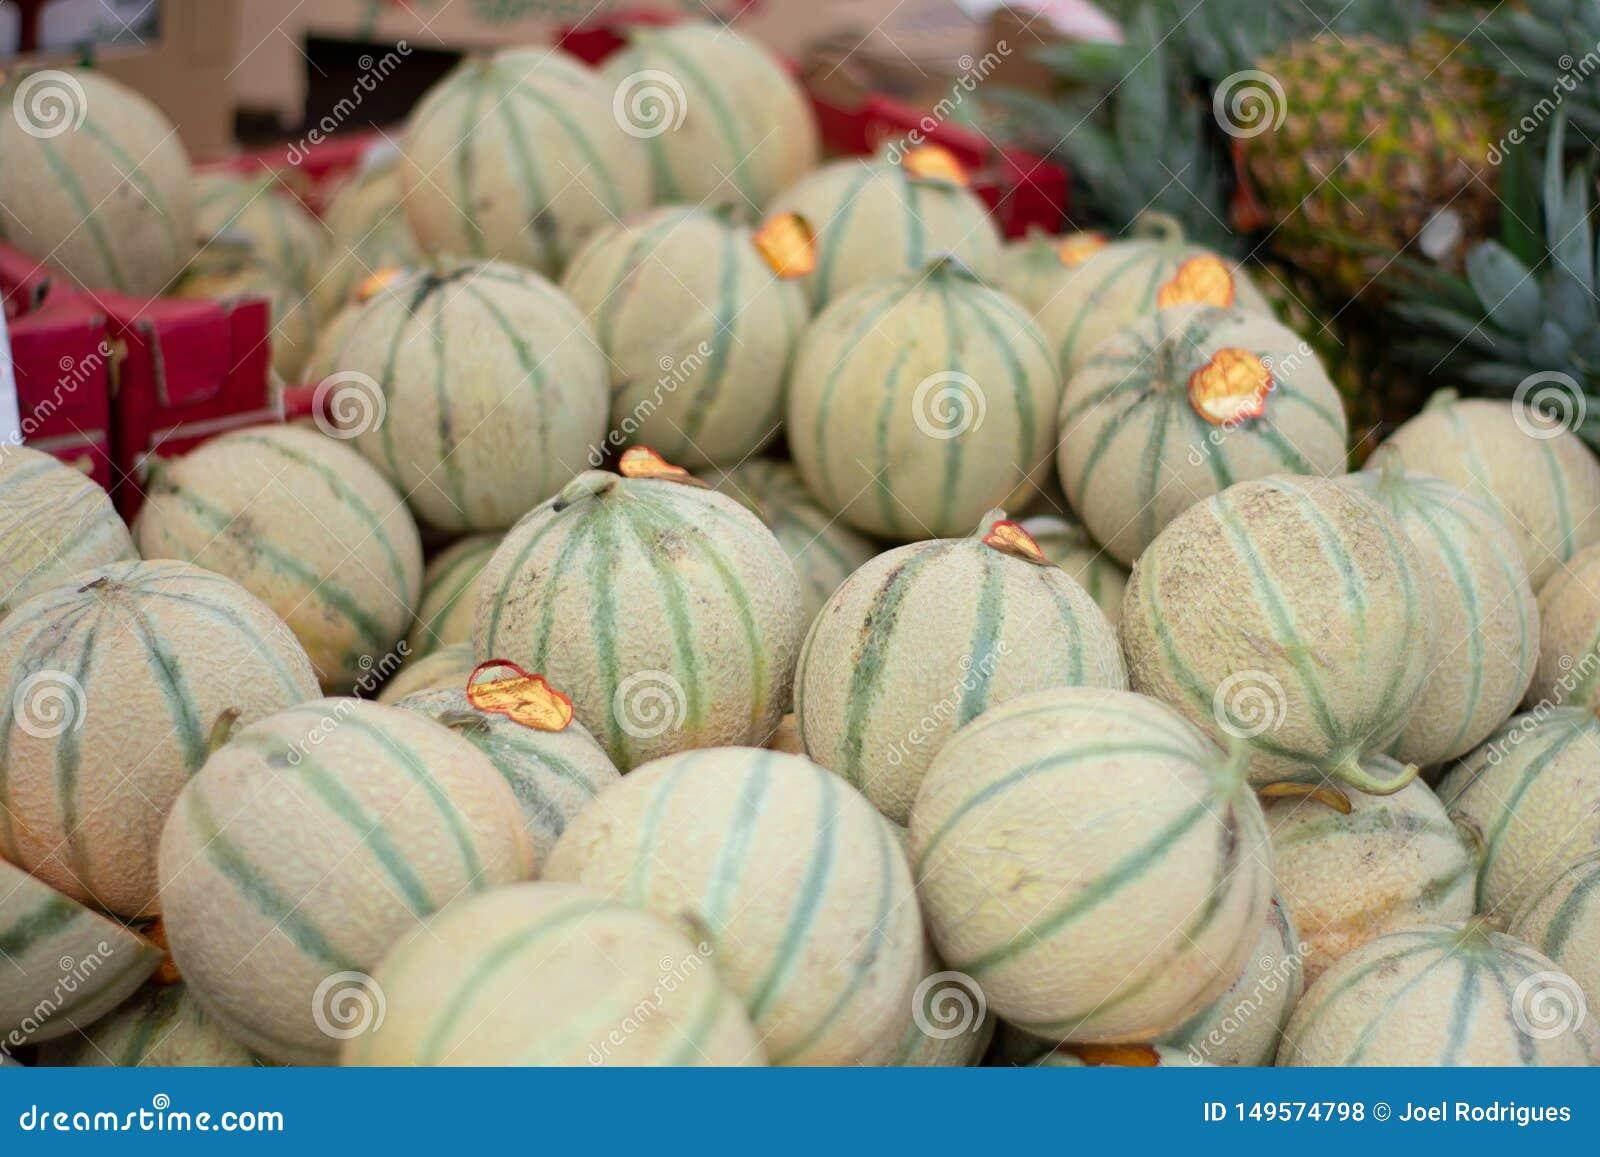 Pile des melons de Charentais sur le marché